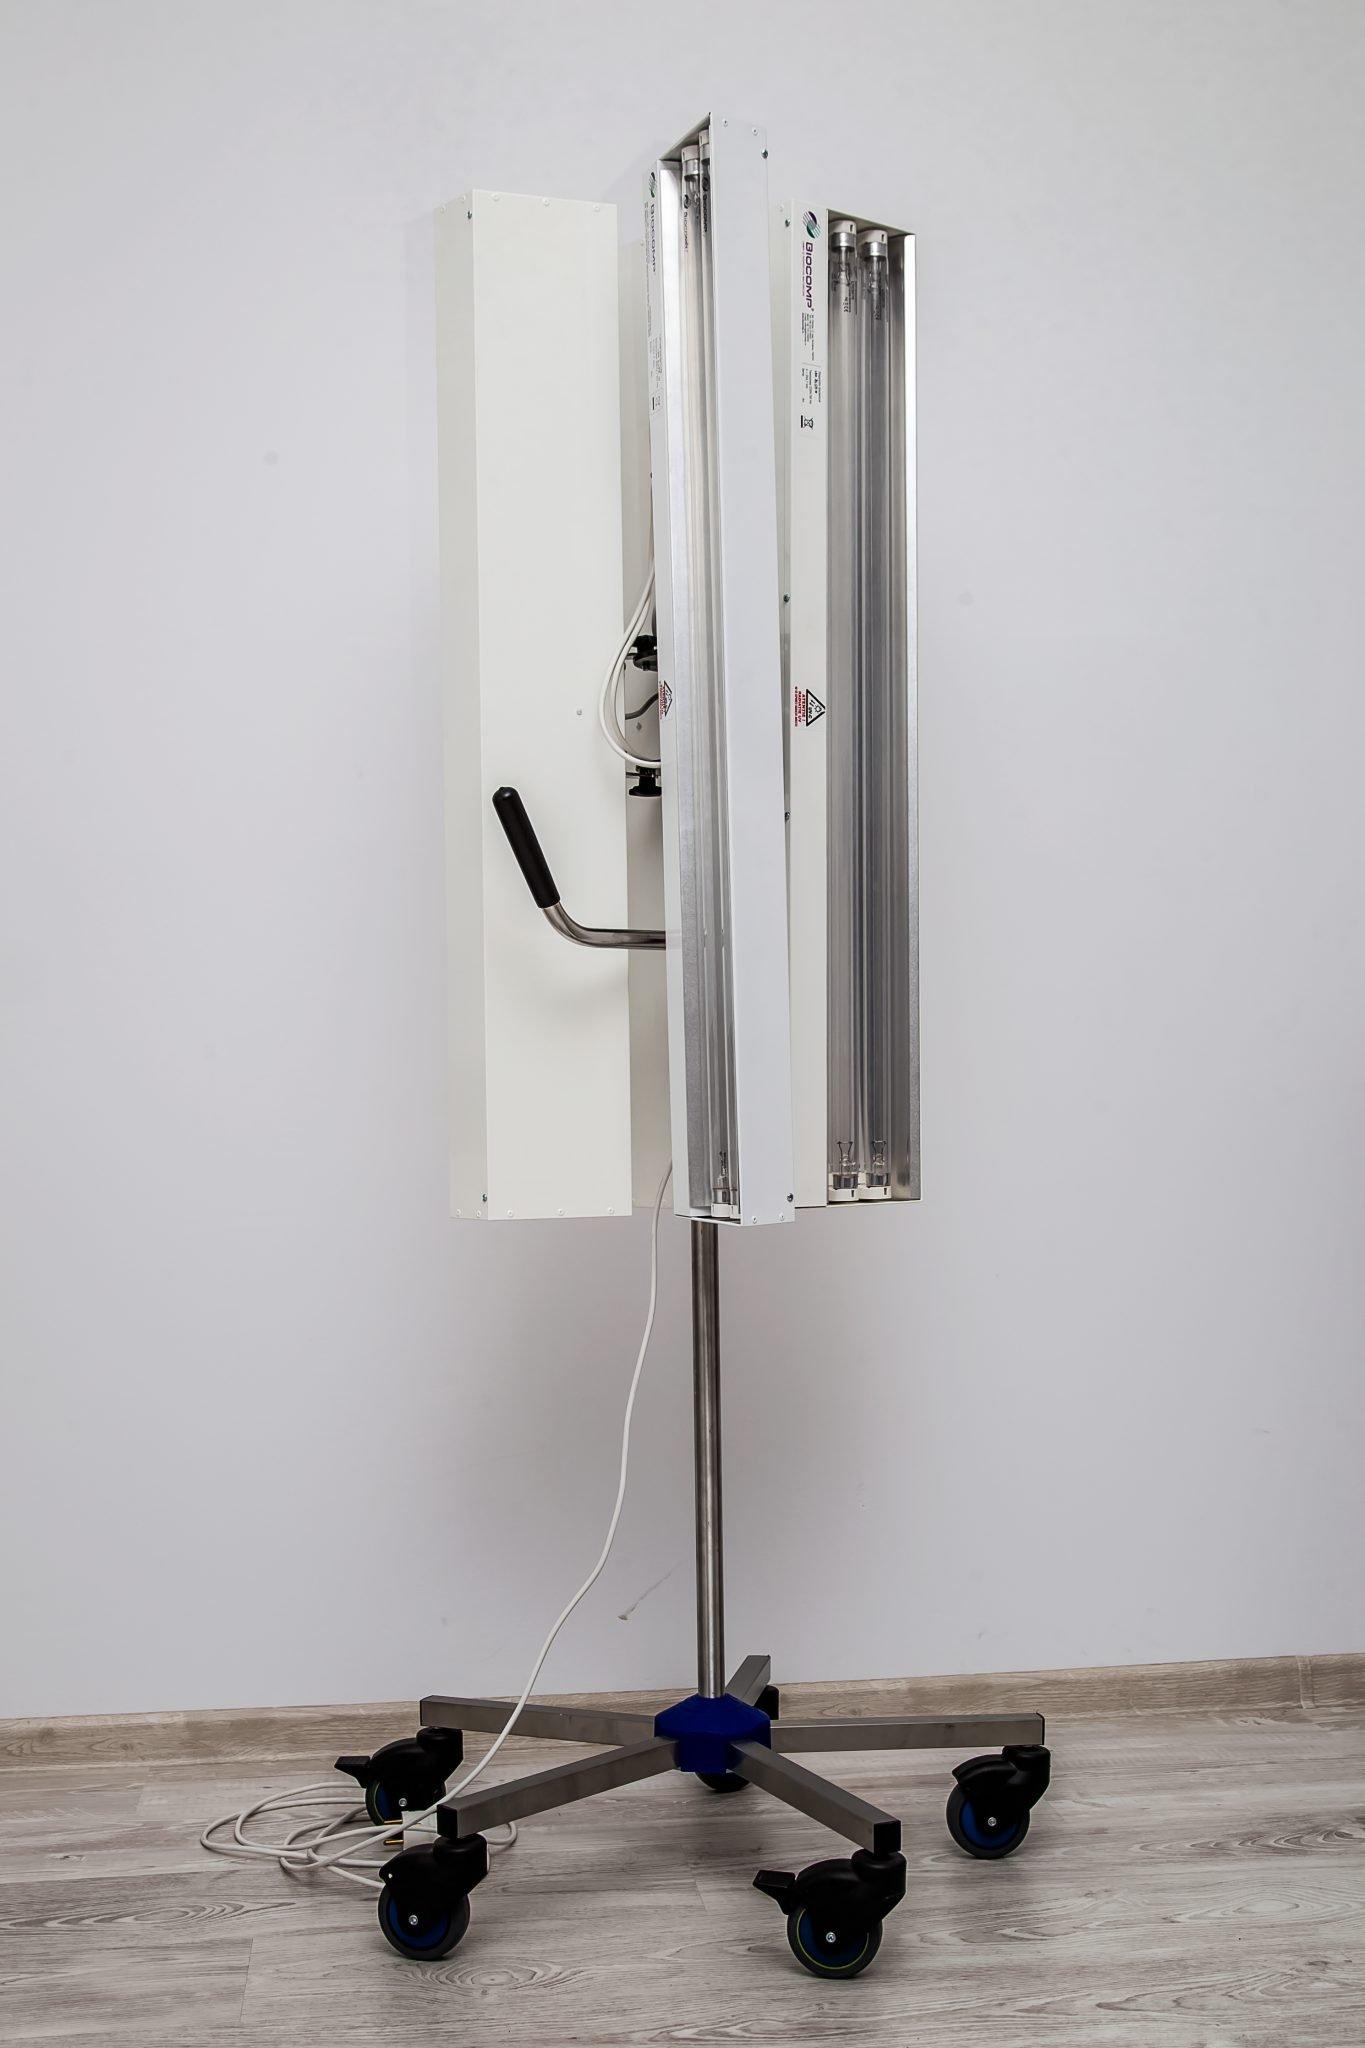 lampa cu 3 brate pe stativ